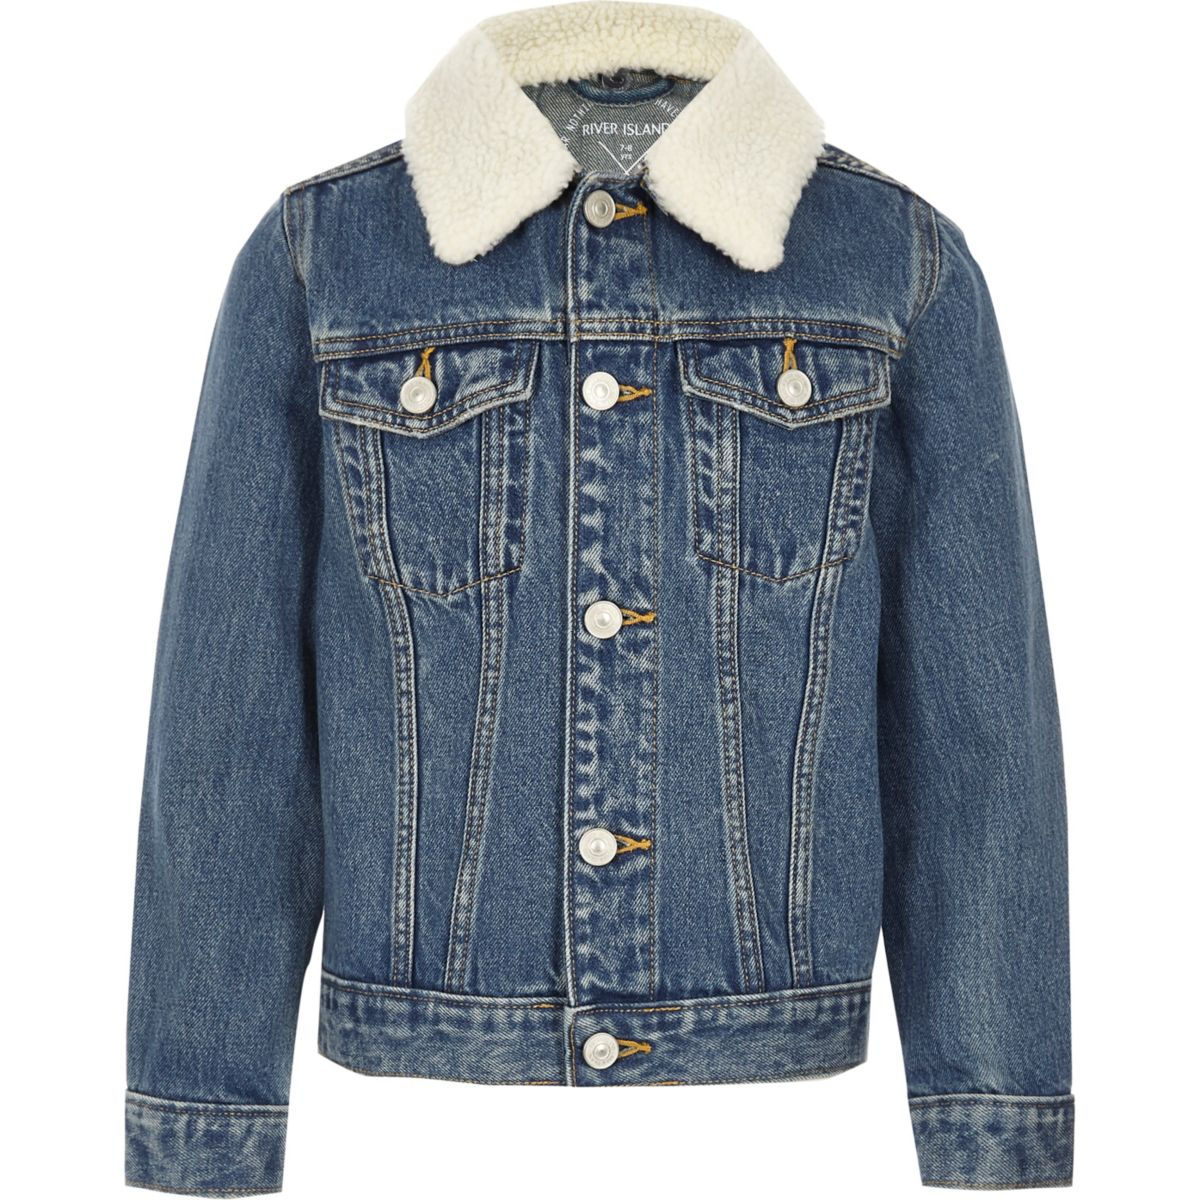 Boys blue denim fleece collar jacket